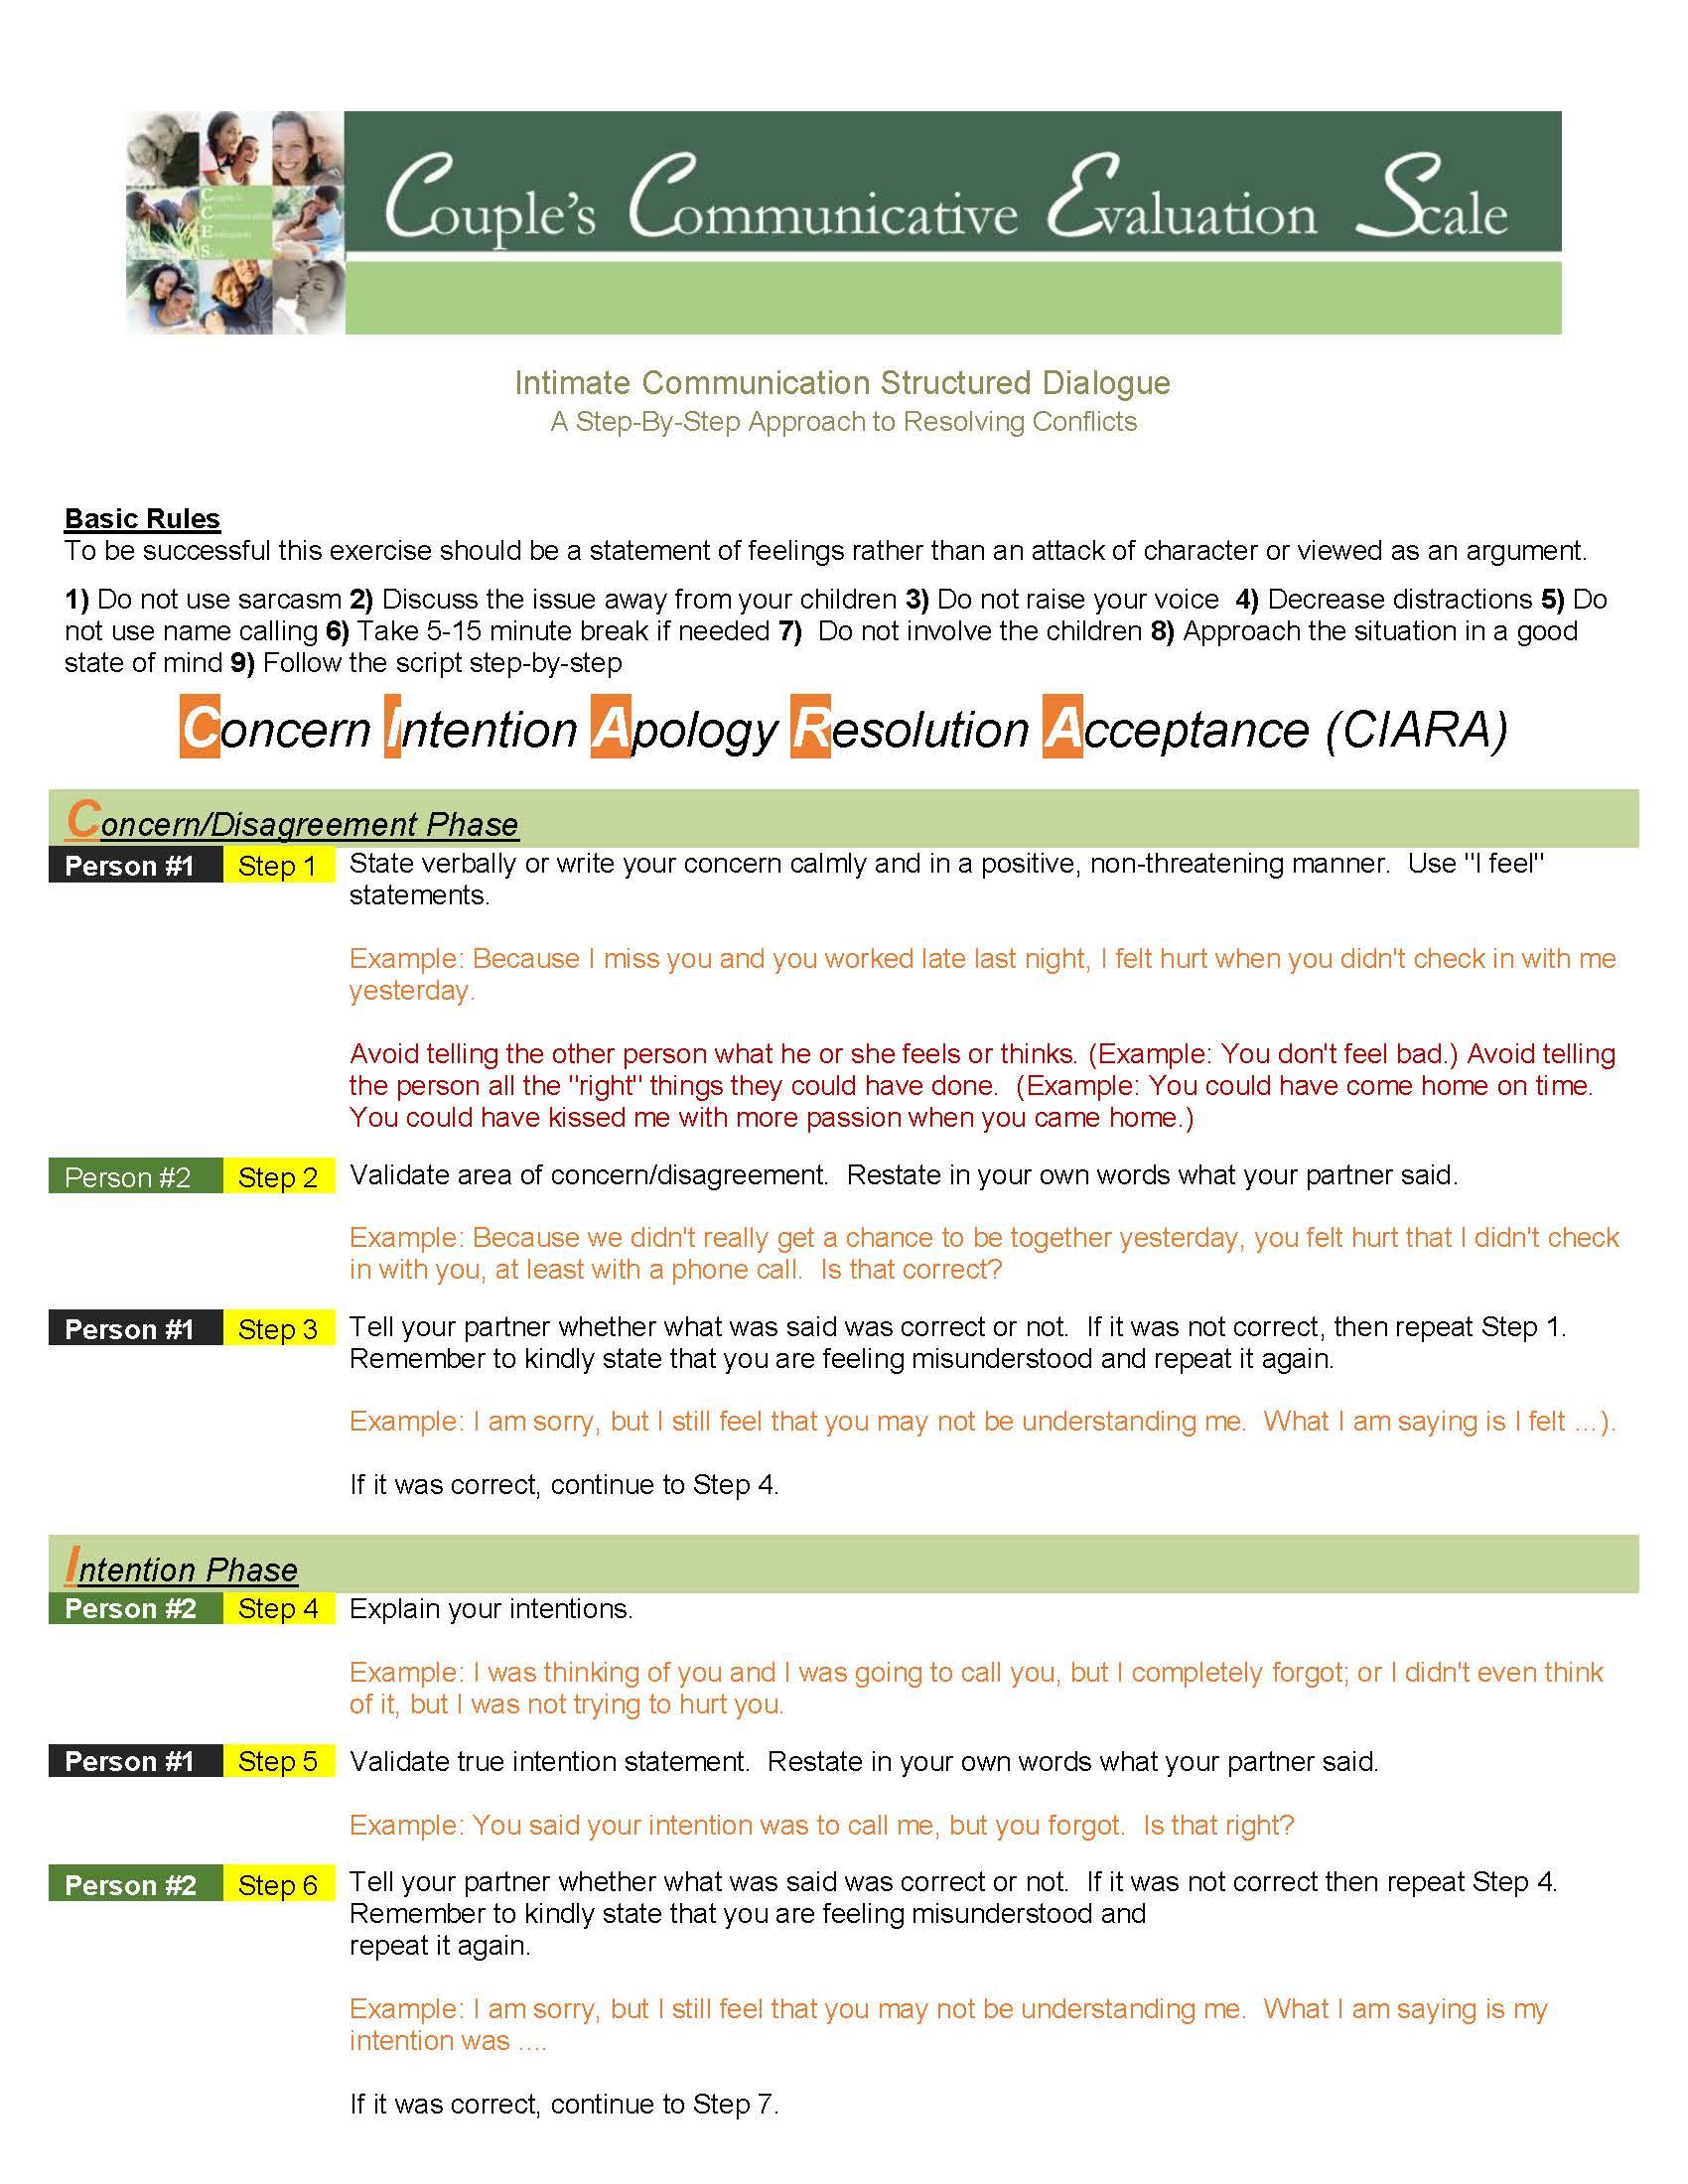 meet.com dating site